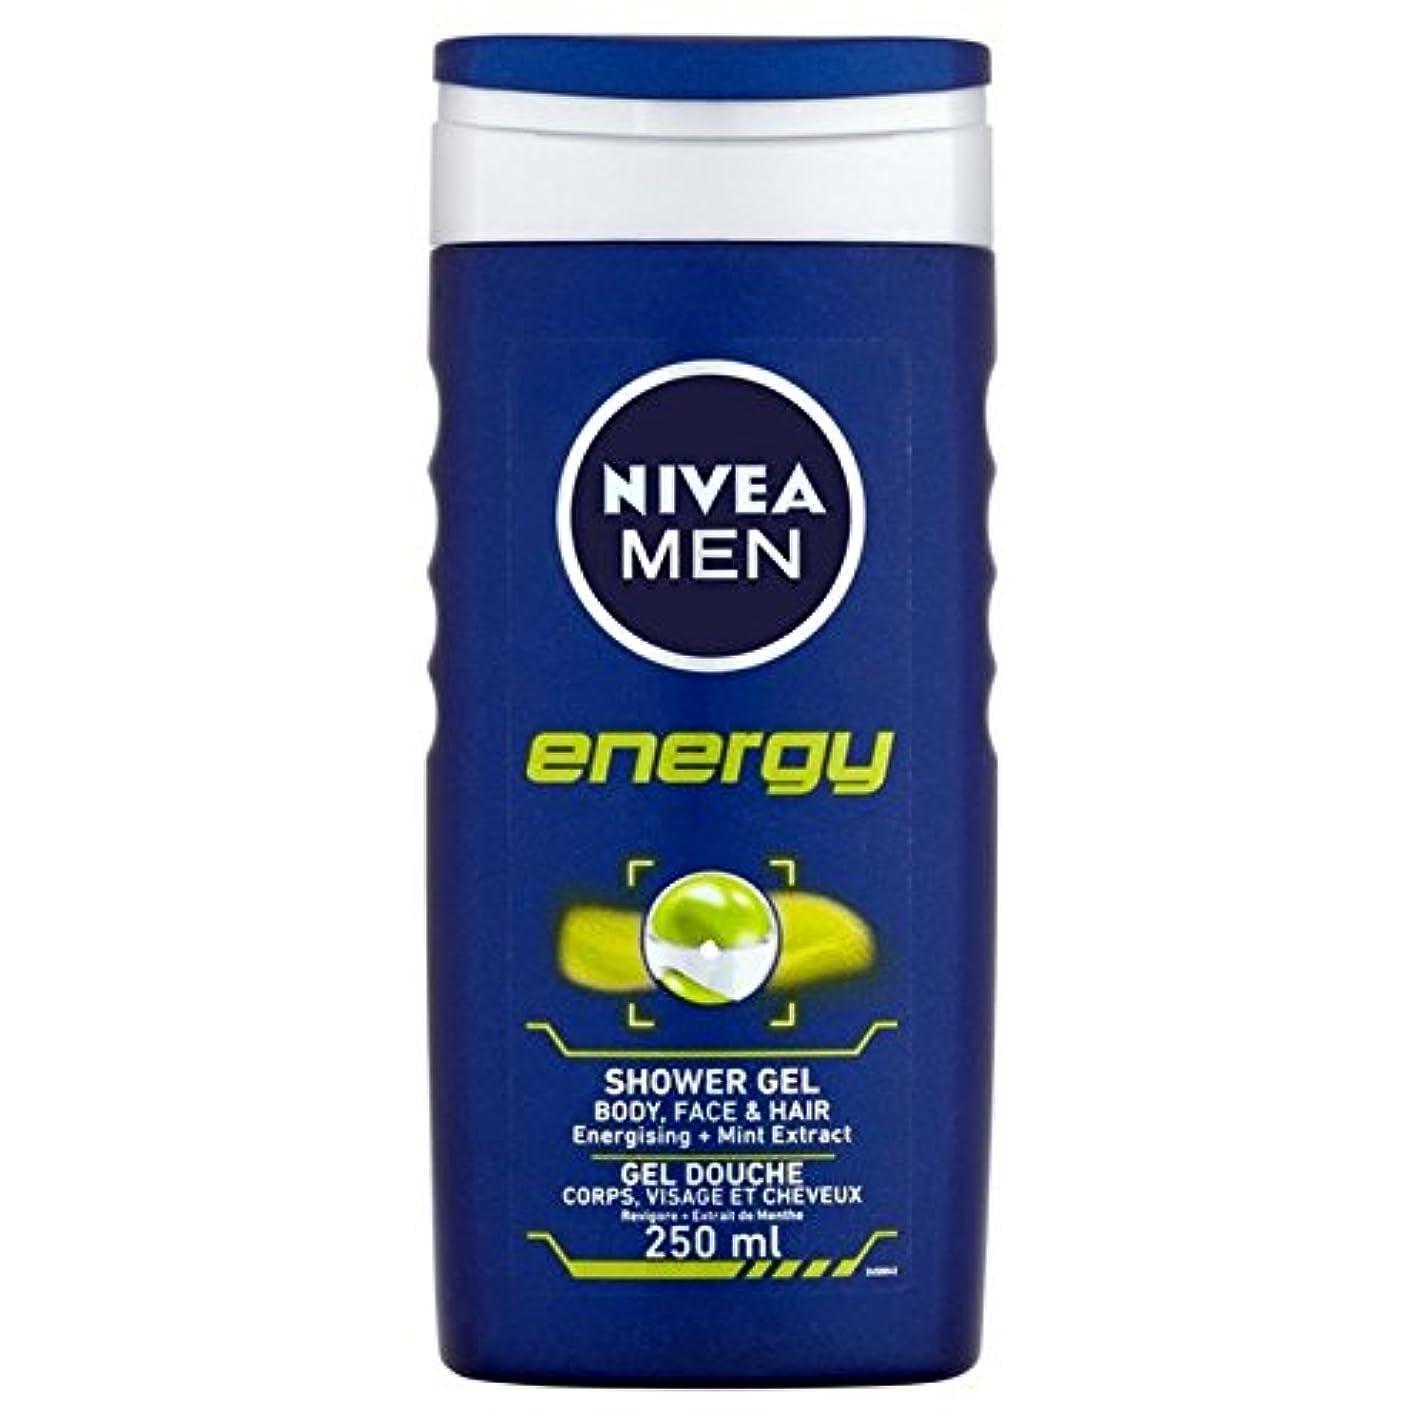 挨拶する強調する貪欲Nivea Men Energy 2 in 1 Shower 250ml - 1つのシャワー250ミリリットル中ニベアの男性のエネルギー2 [並行輸入品]